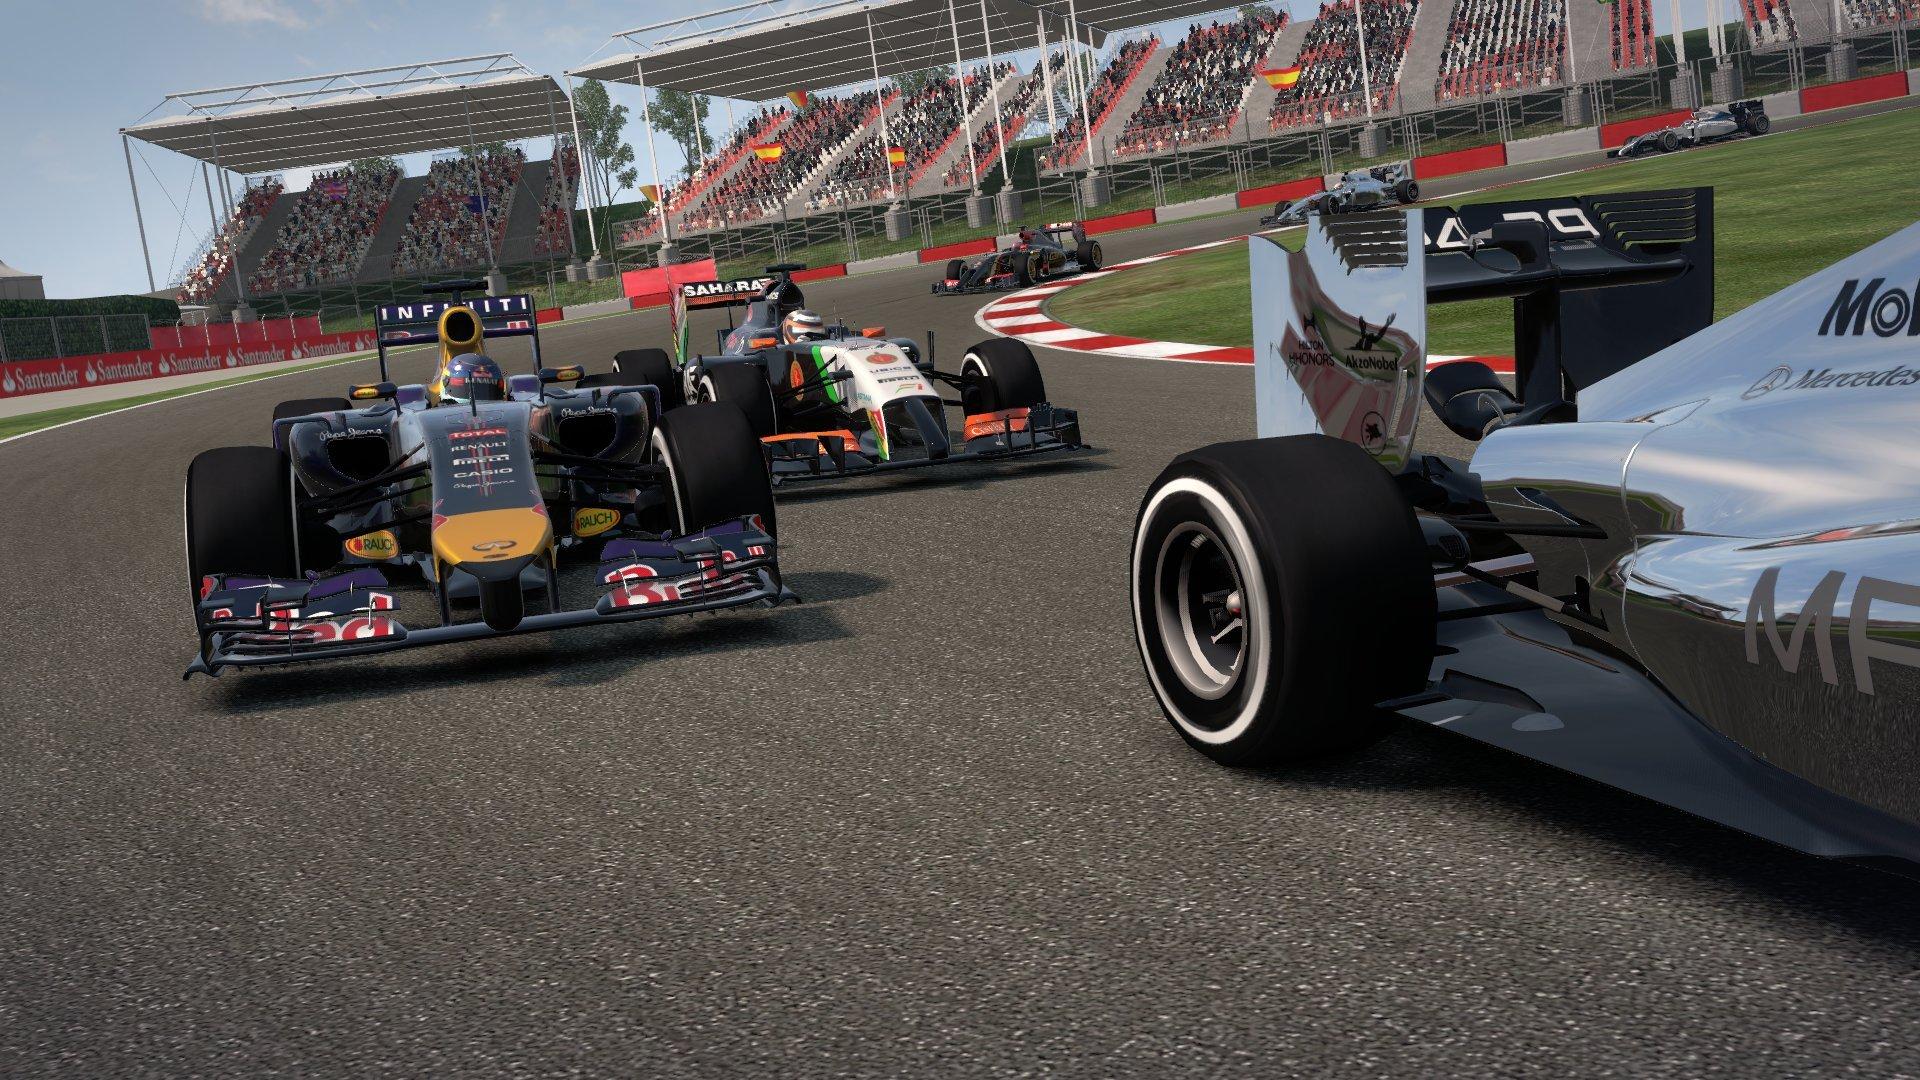 F1 2014 (Formula 1) - PlayStation 3 by Bandai (Image #10)